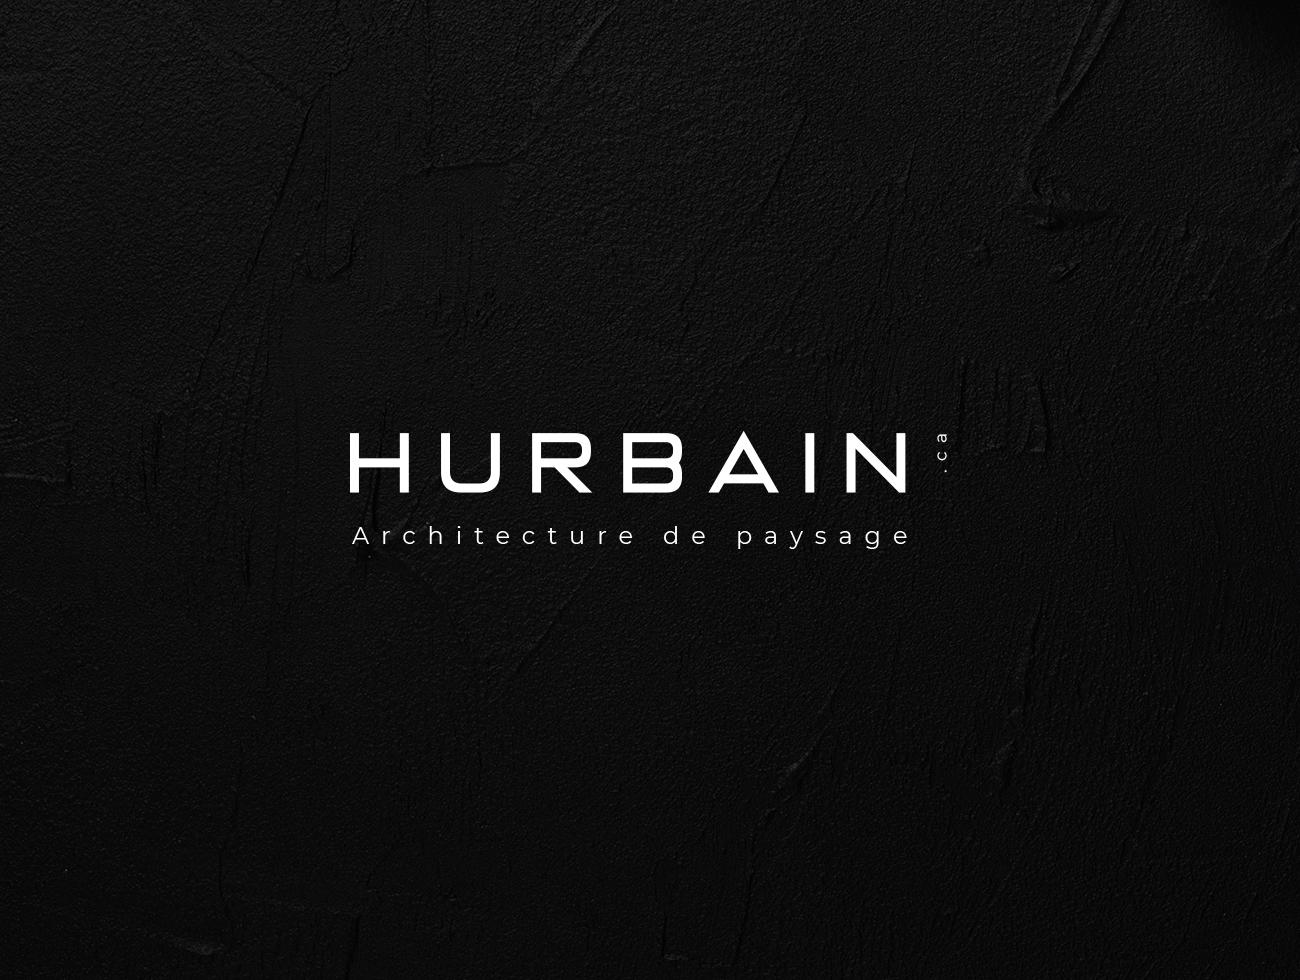 création du logo hurbain tridal